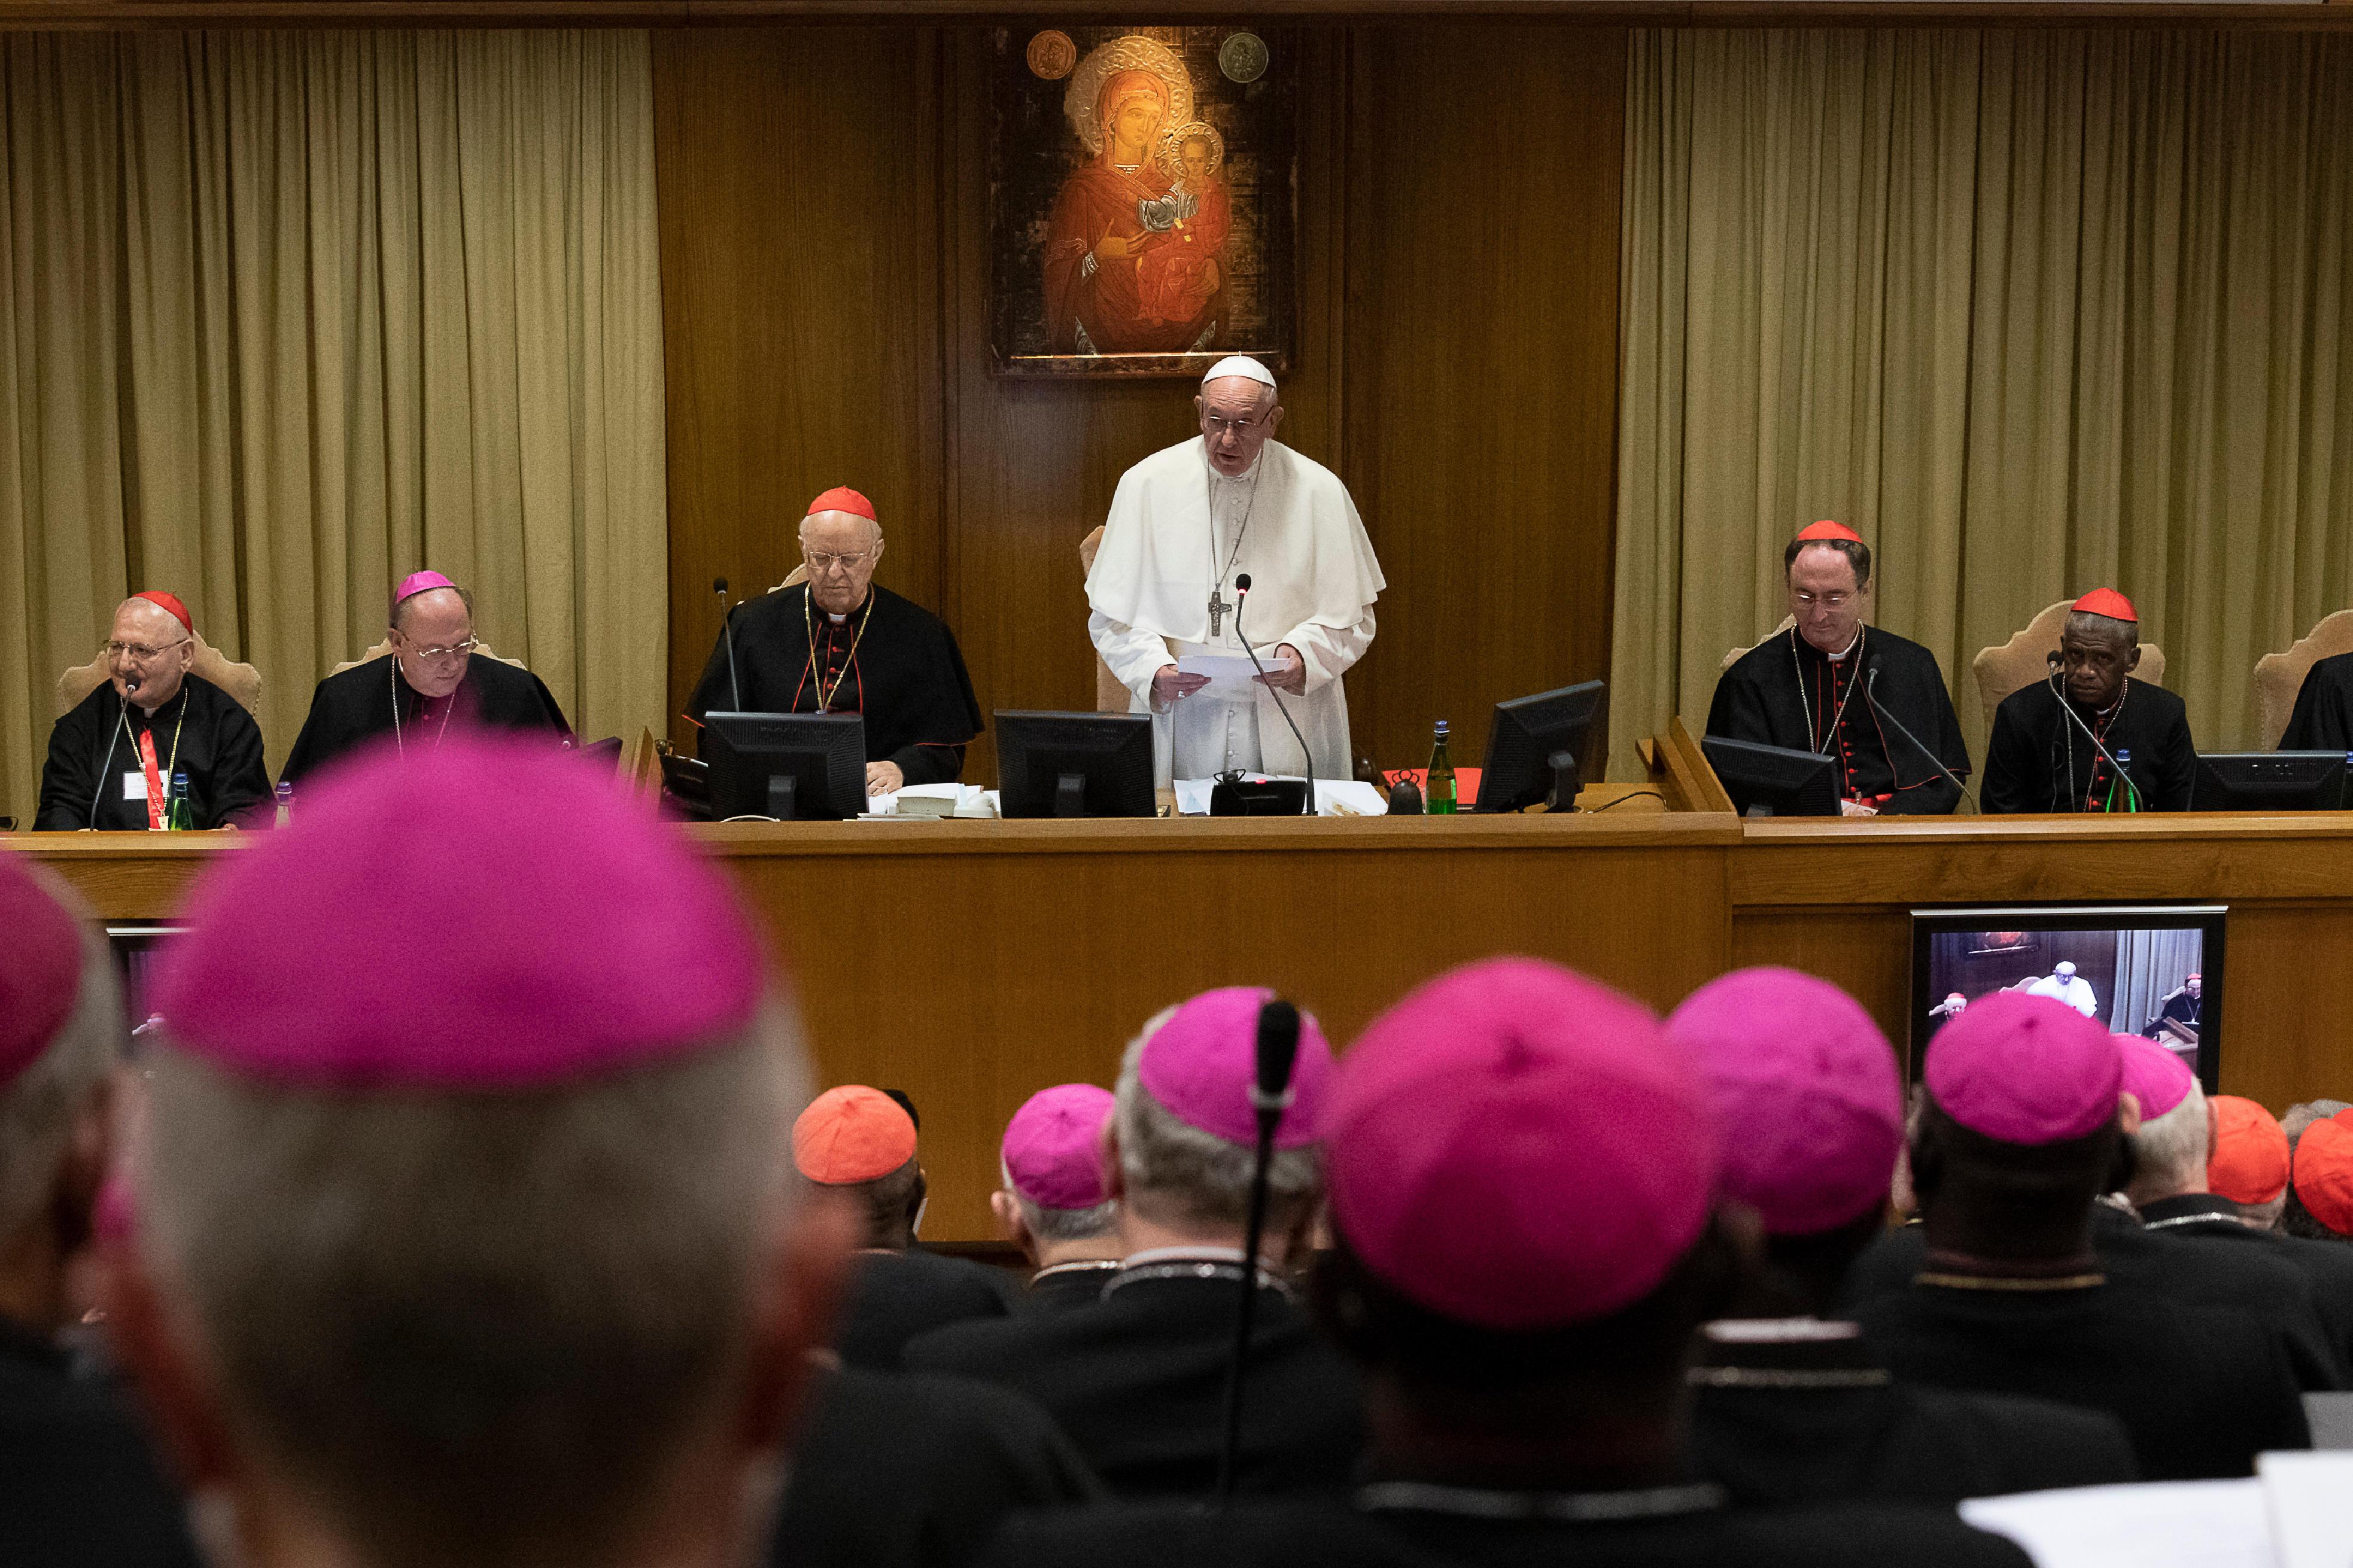 Ouverture du synode des évêques sur les jeunes © Vatican Media